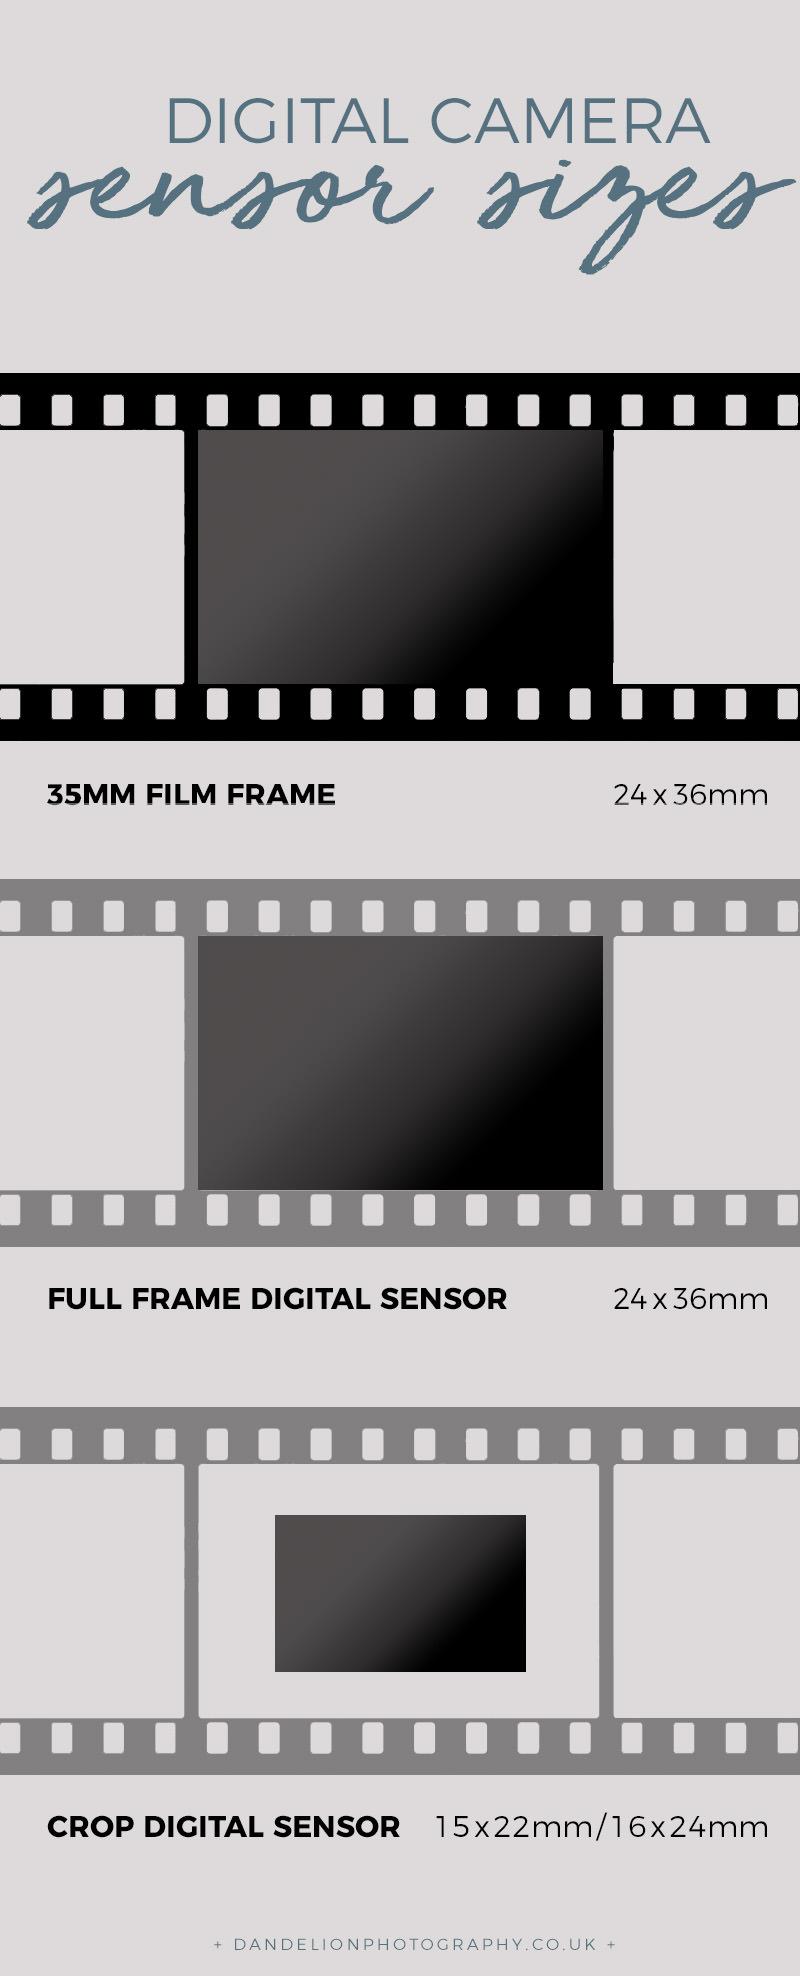 35mm film and sensor diagram.jpg